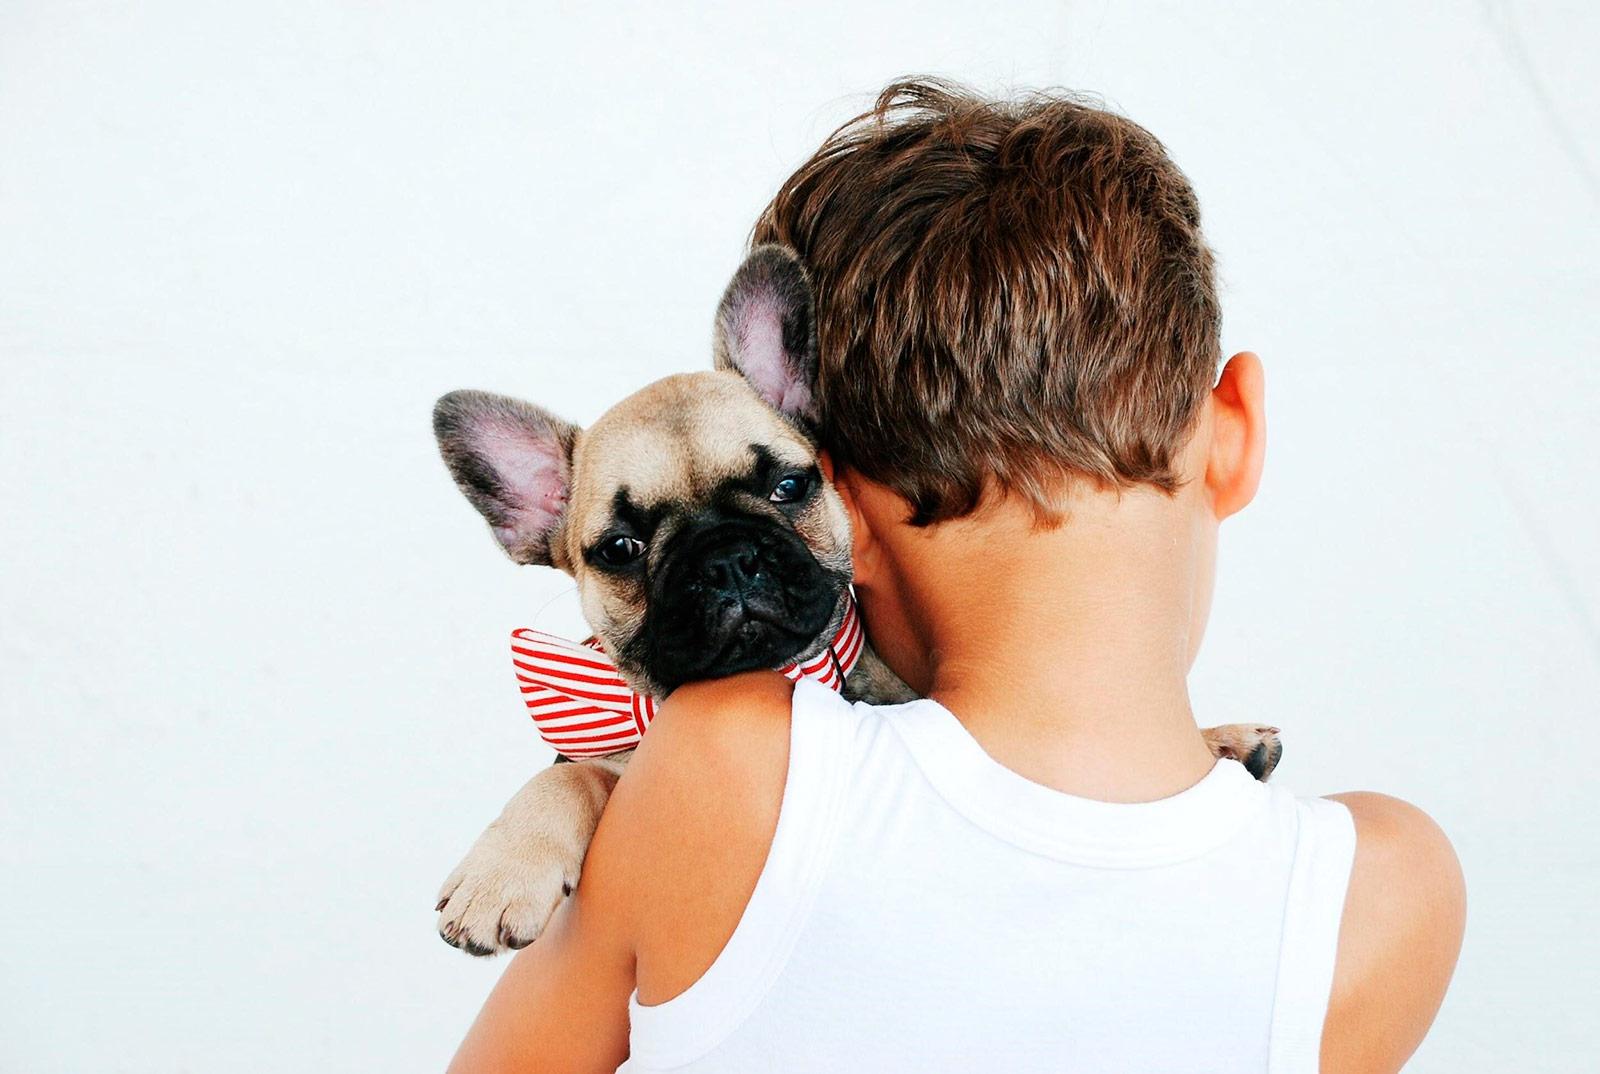 El beneficio recíproco de las intervenciones asistidas con animales